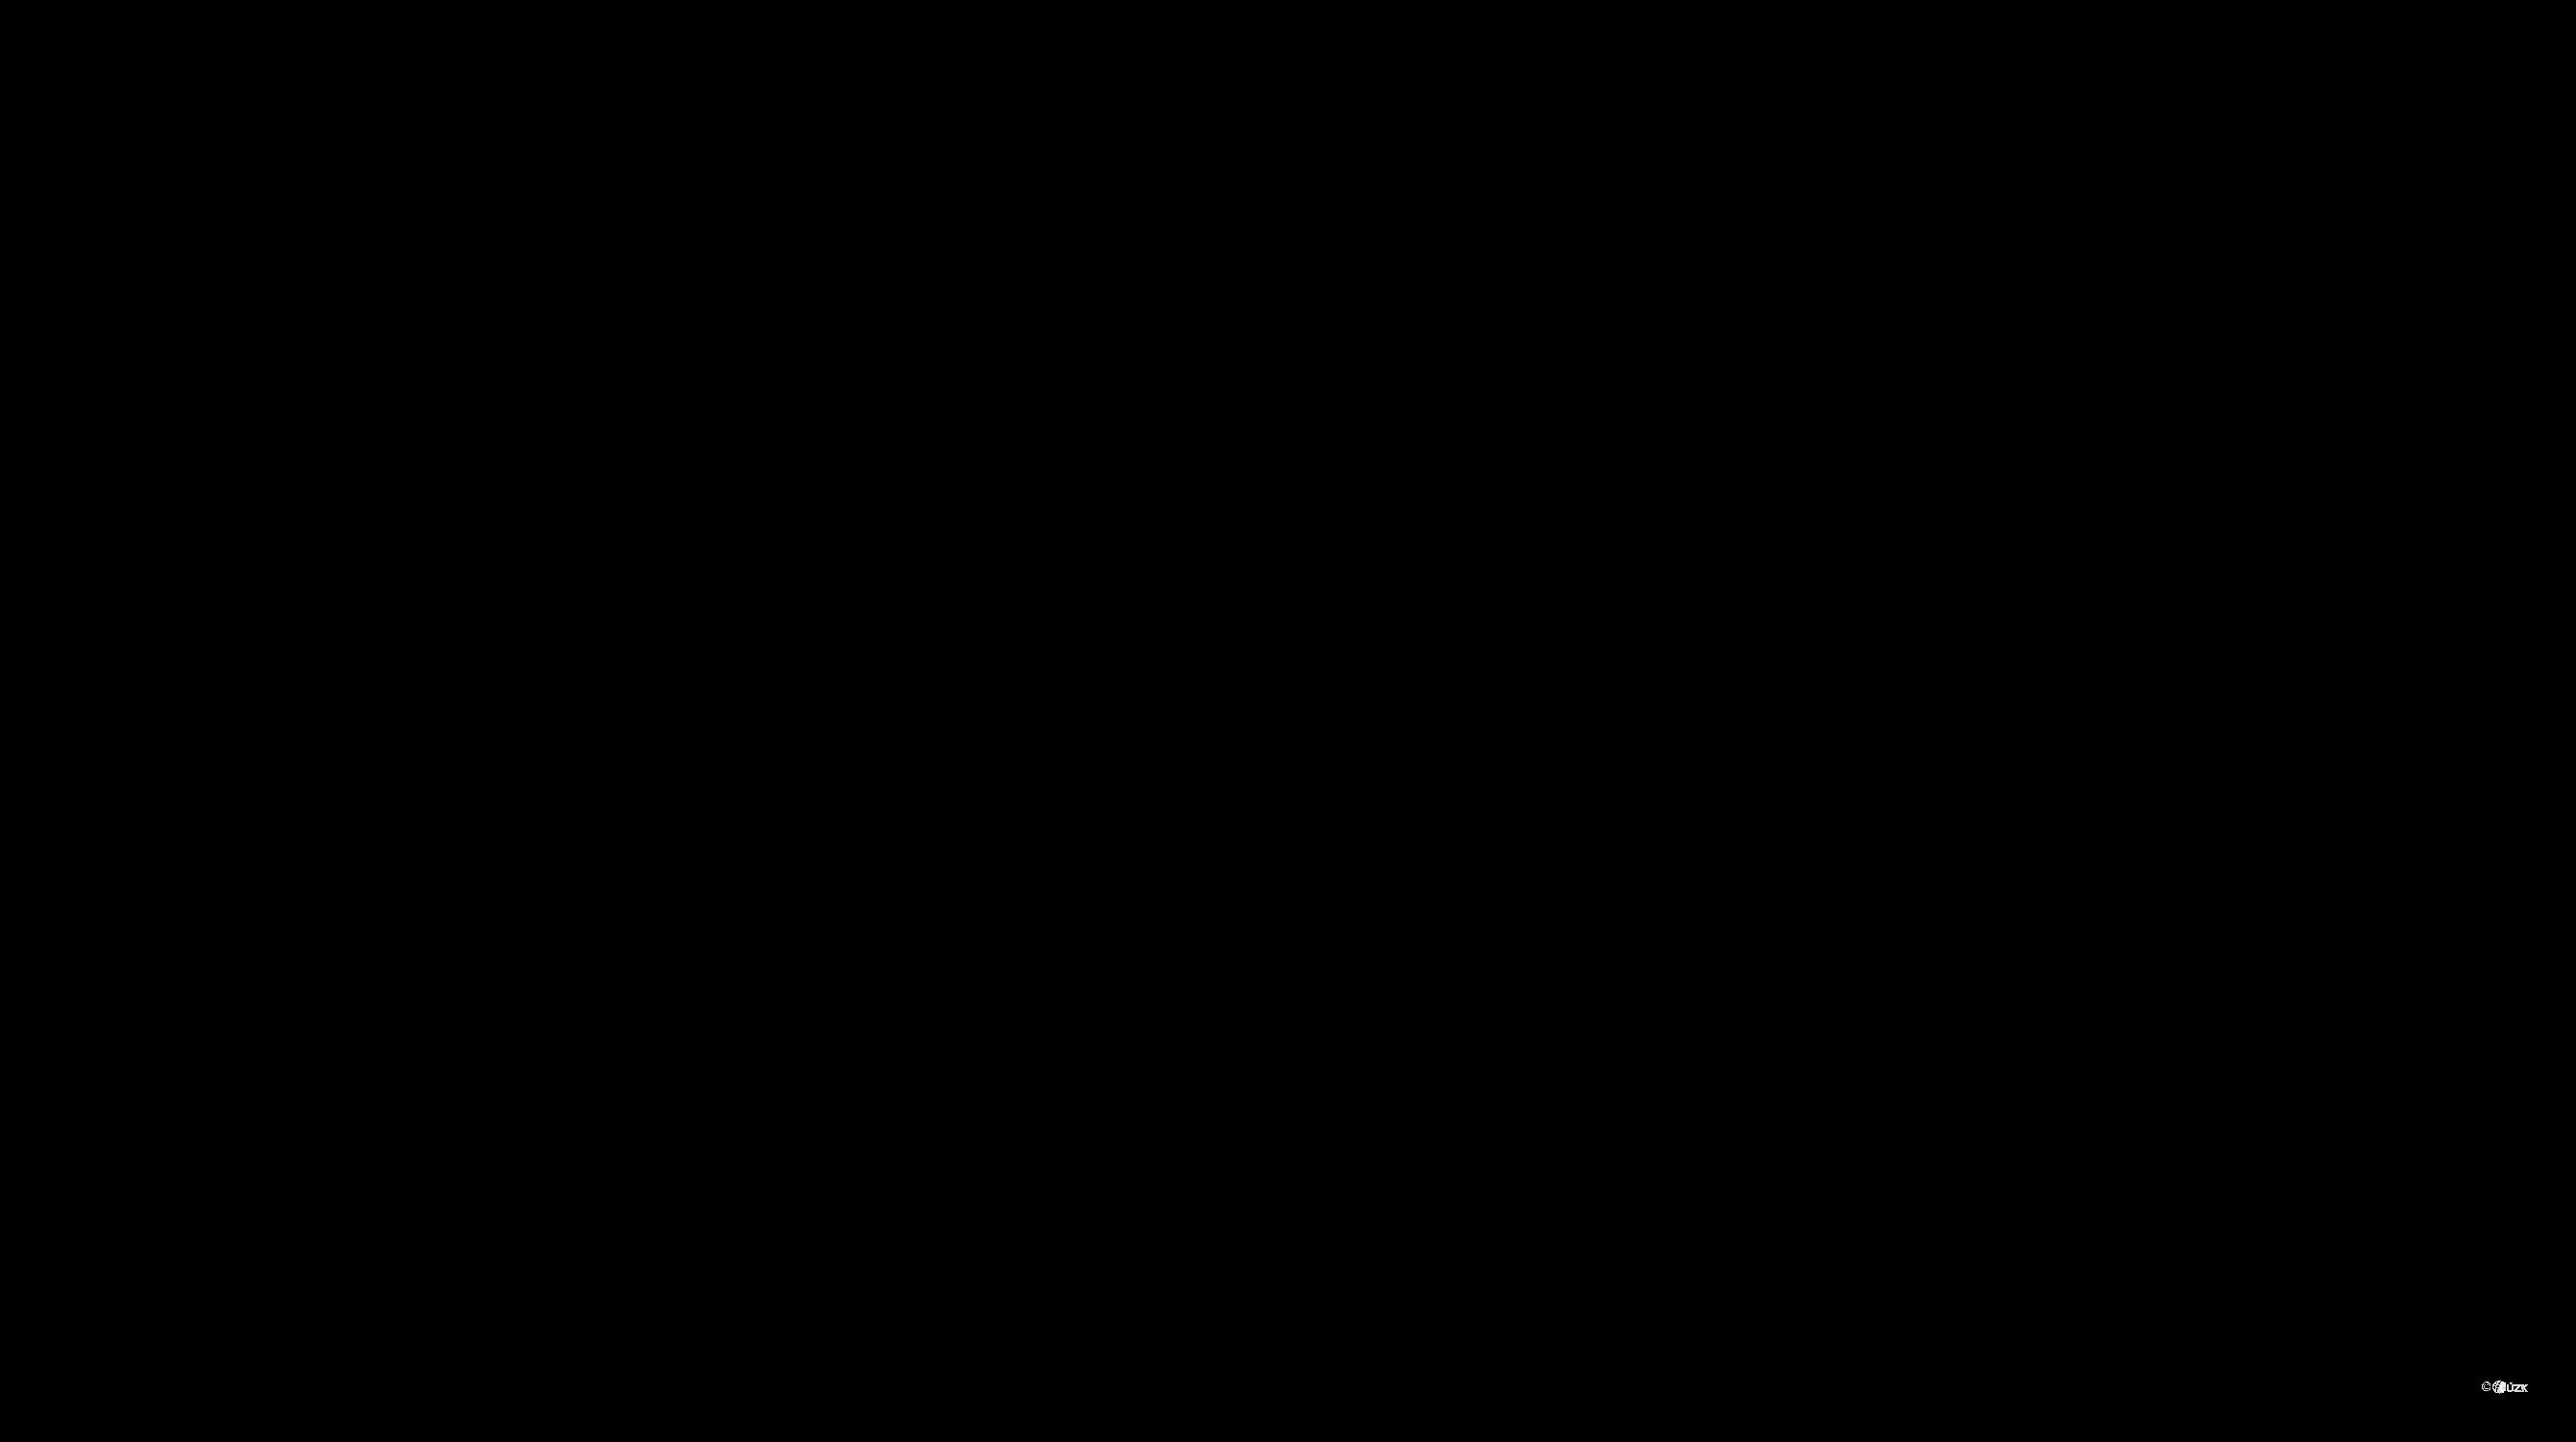 Katastrální mapa pozemků a čísla parcel Vyskytná nad Jihlavou